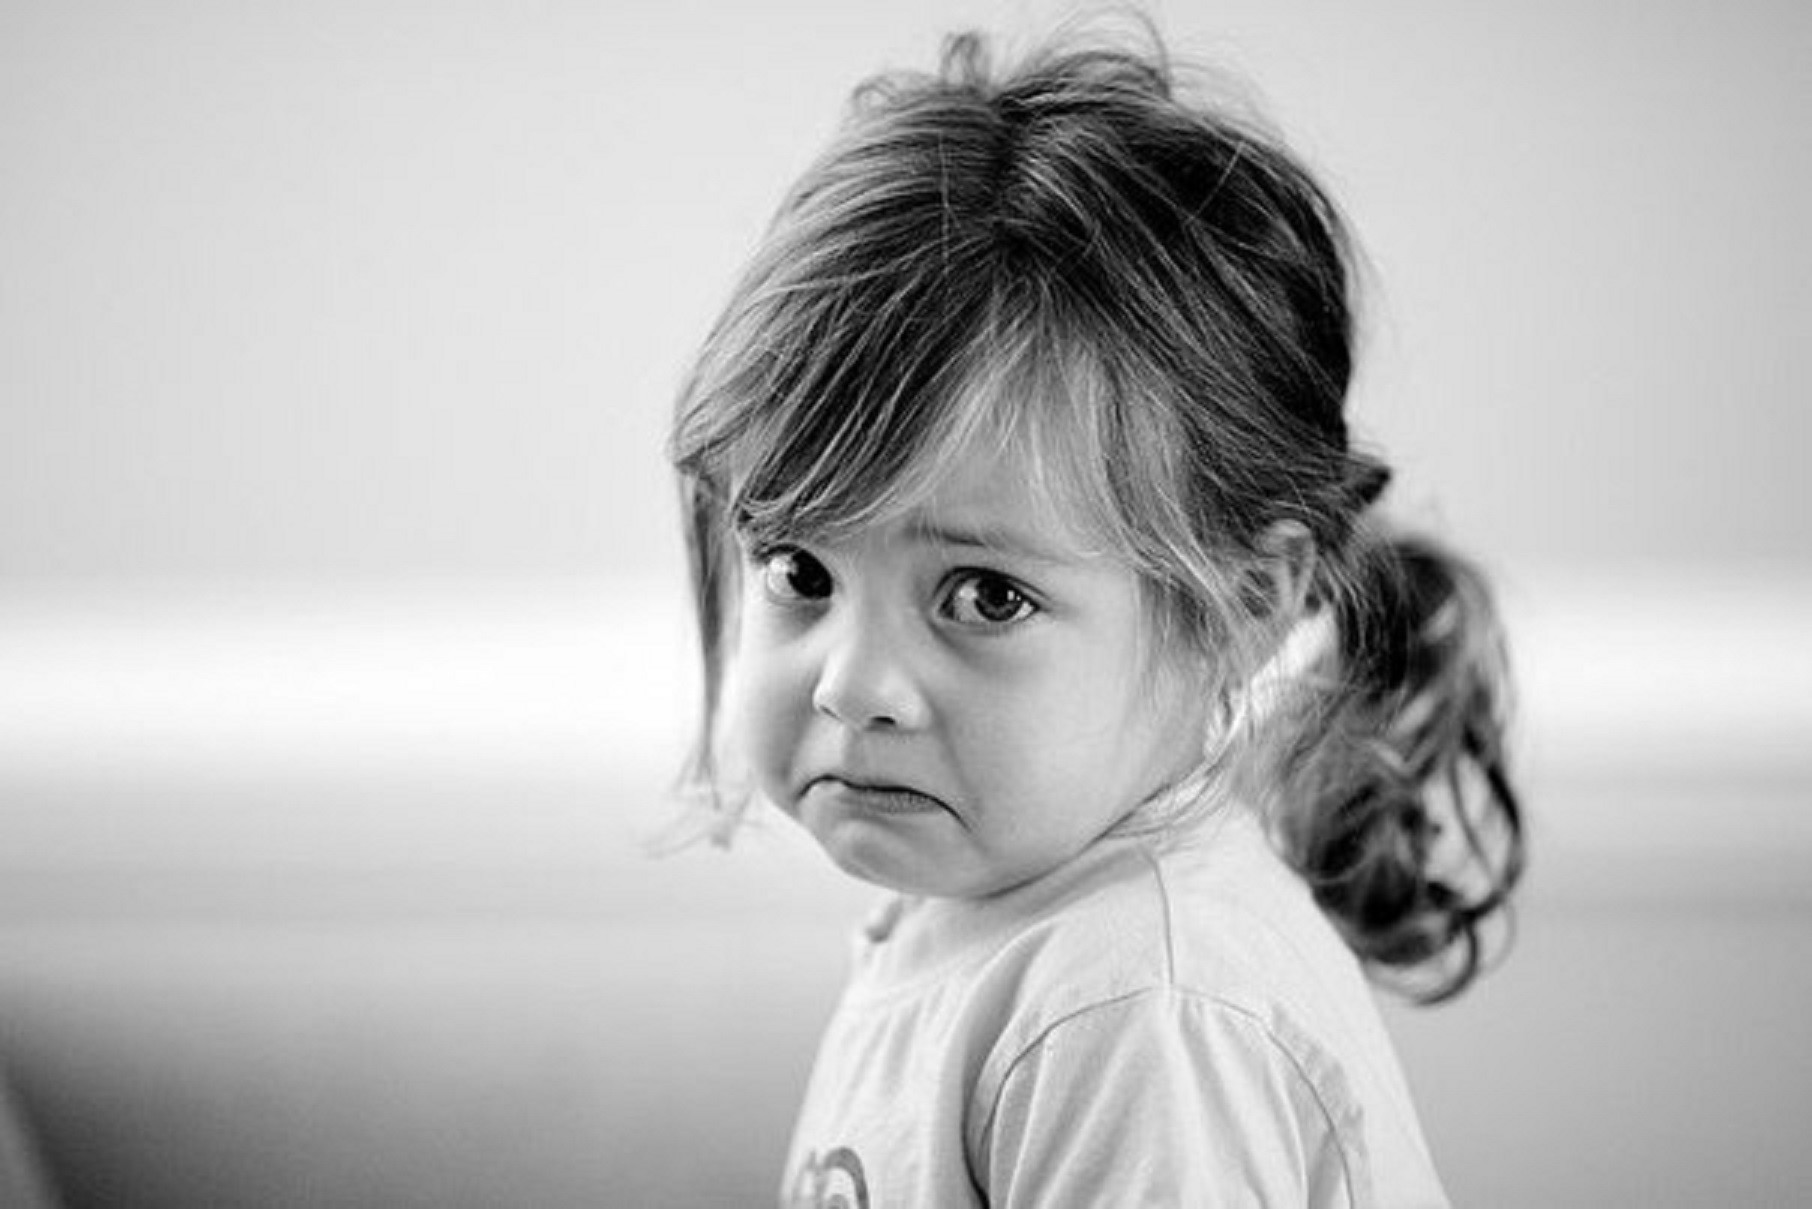 Девочка обижена